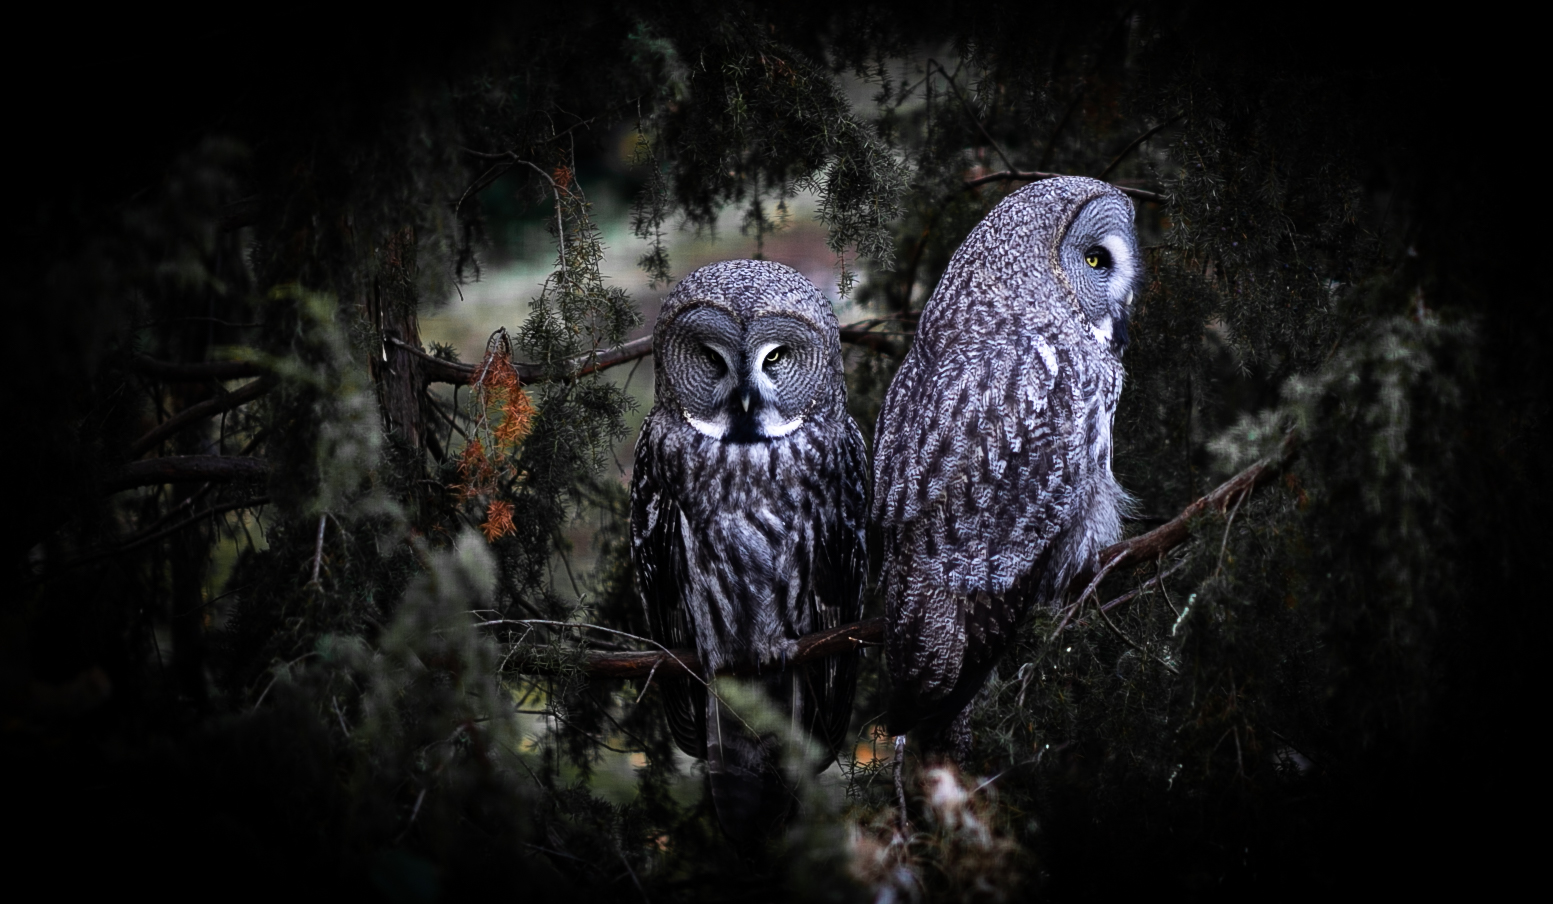 luontokuvaus lintukuvaus pöllö